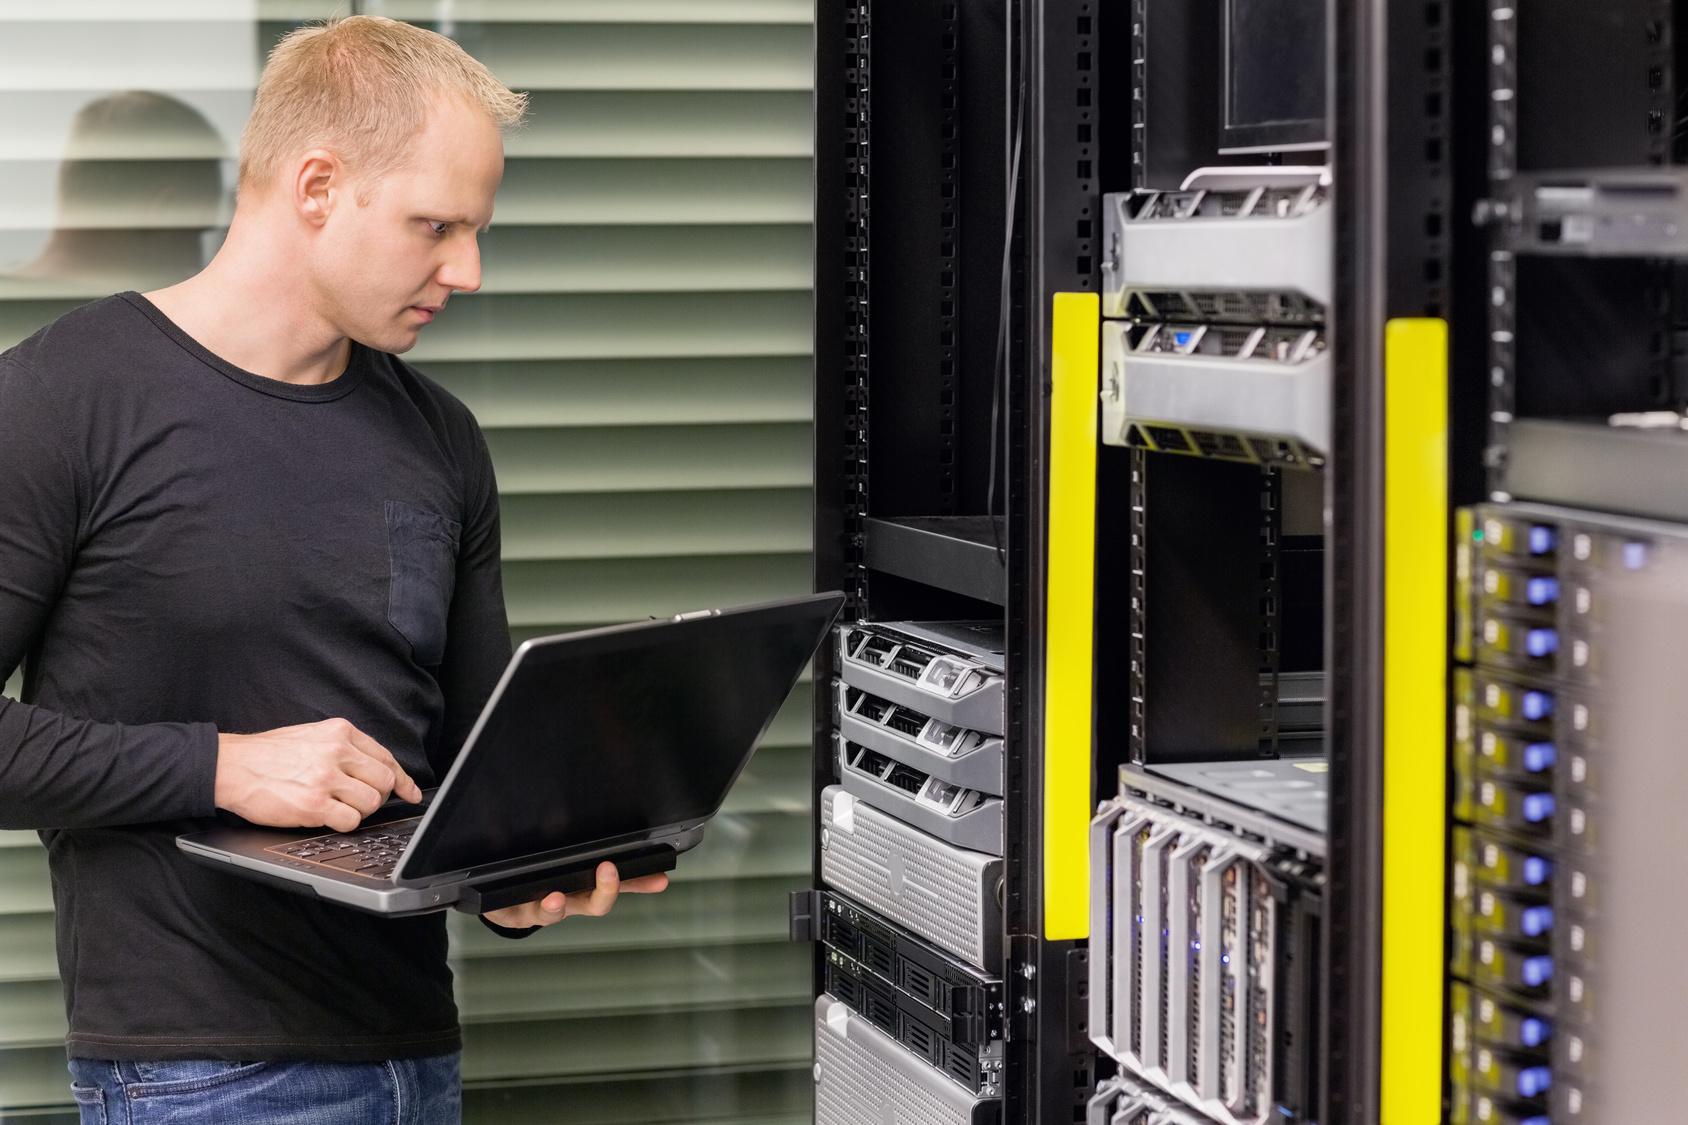 firma informatyczna sinfo usługi informatyczne